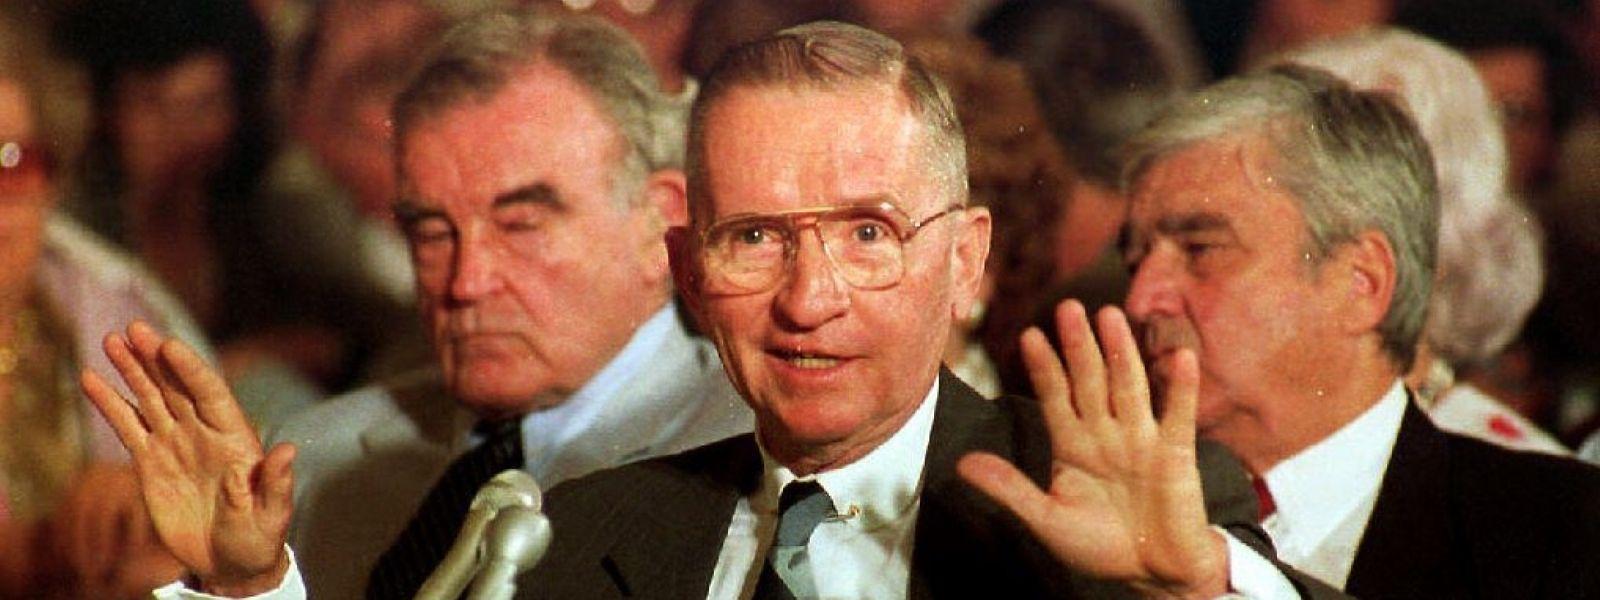 Ross Perot vor dem US Senat im August 1992.